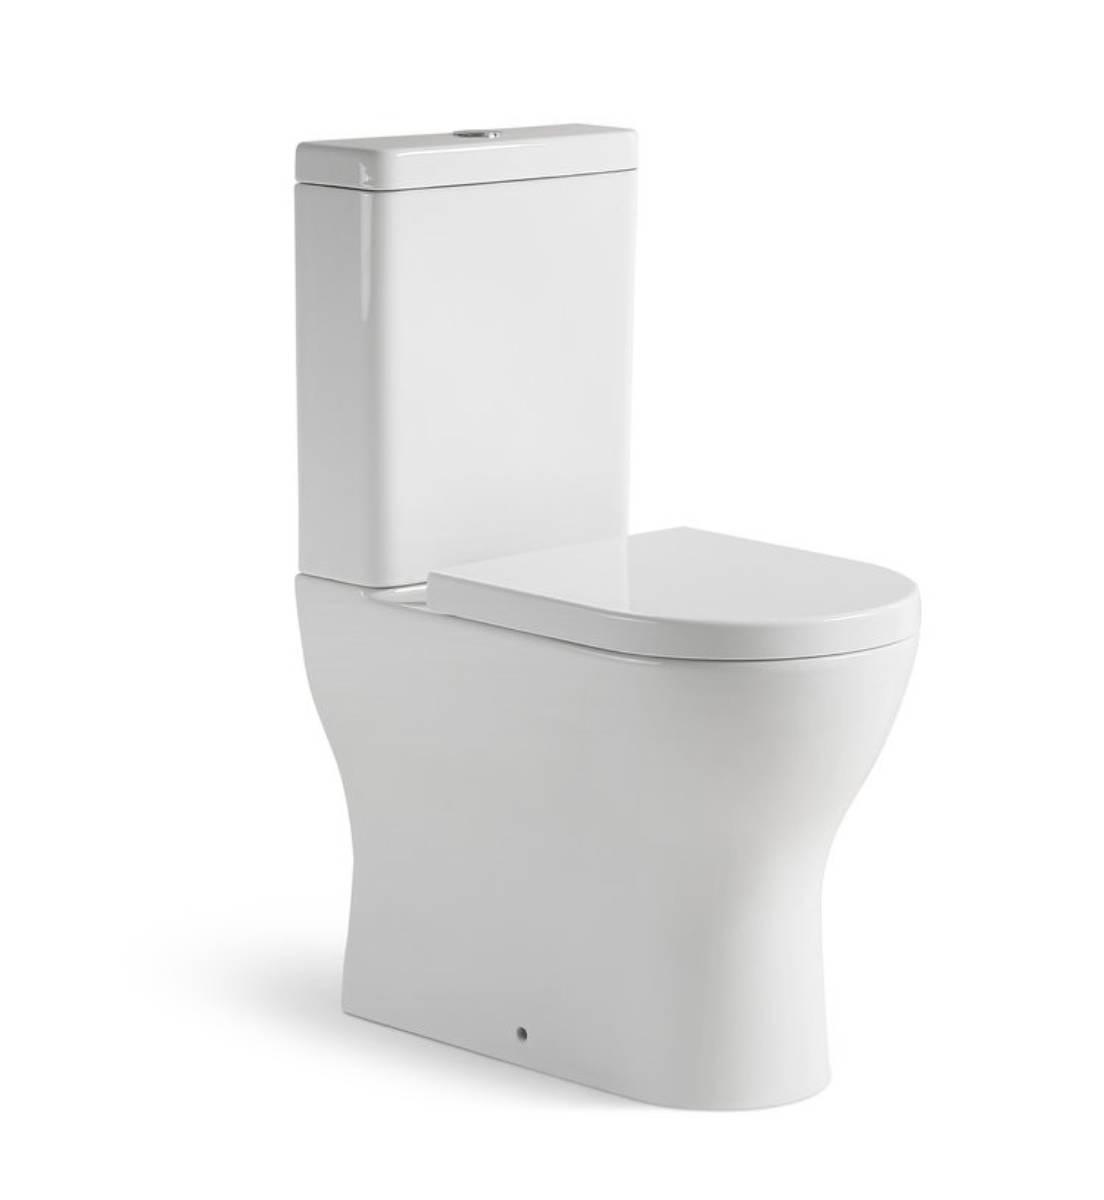 View Photo: Https://www.sinkandbathroomshop.com.au/shop/toilets/close-coupled-toilet-suites/lucca-close-coupled-toilet/